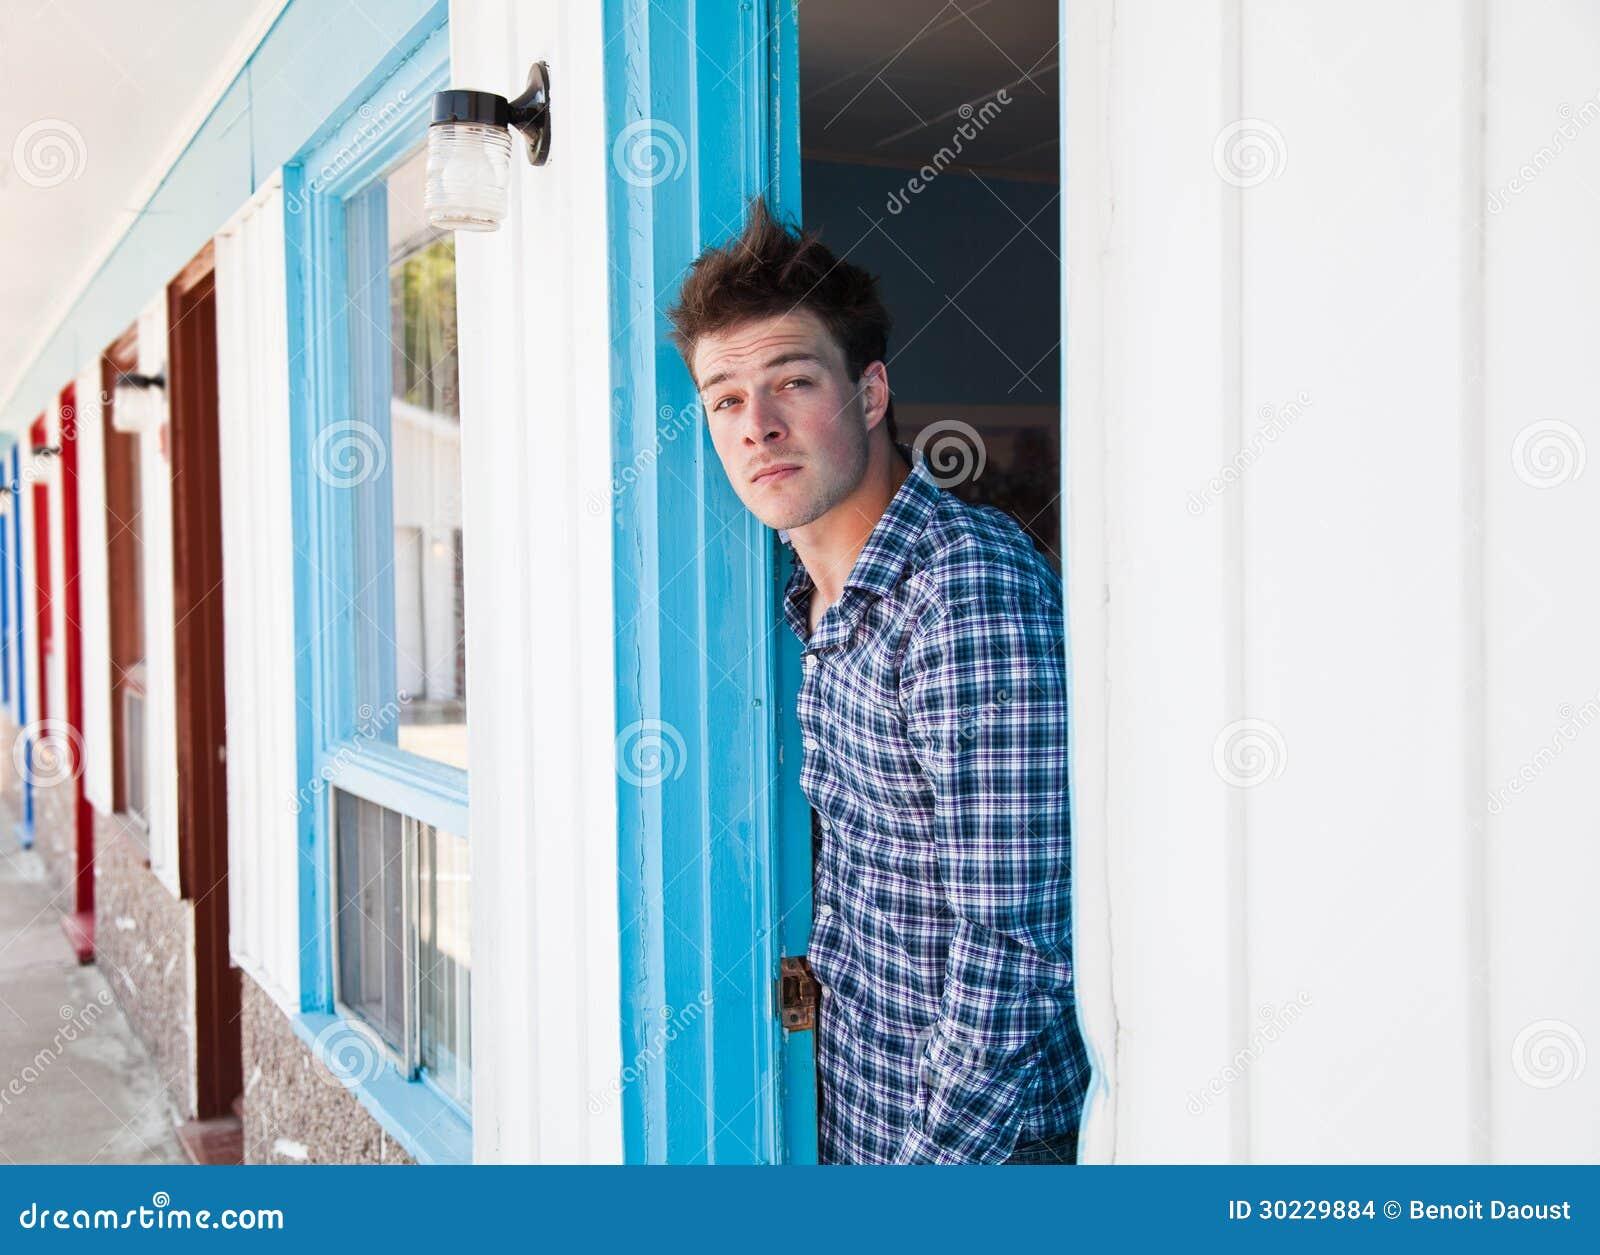 Ο νεαρός άνδρας κοιτάζει από το δωμάτιο μοτέλ